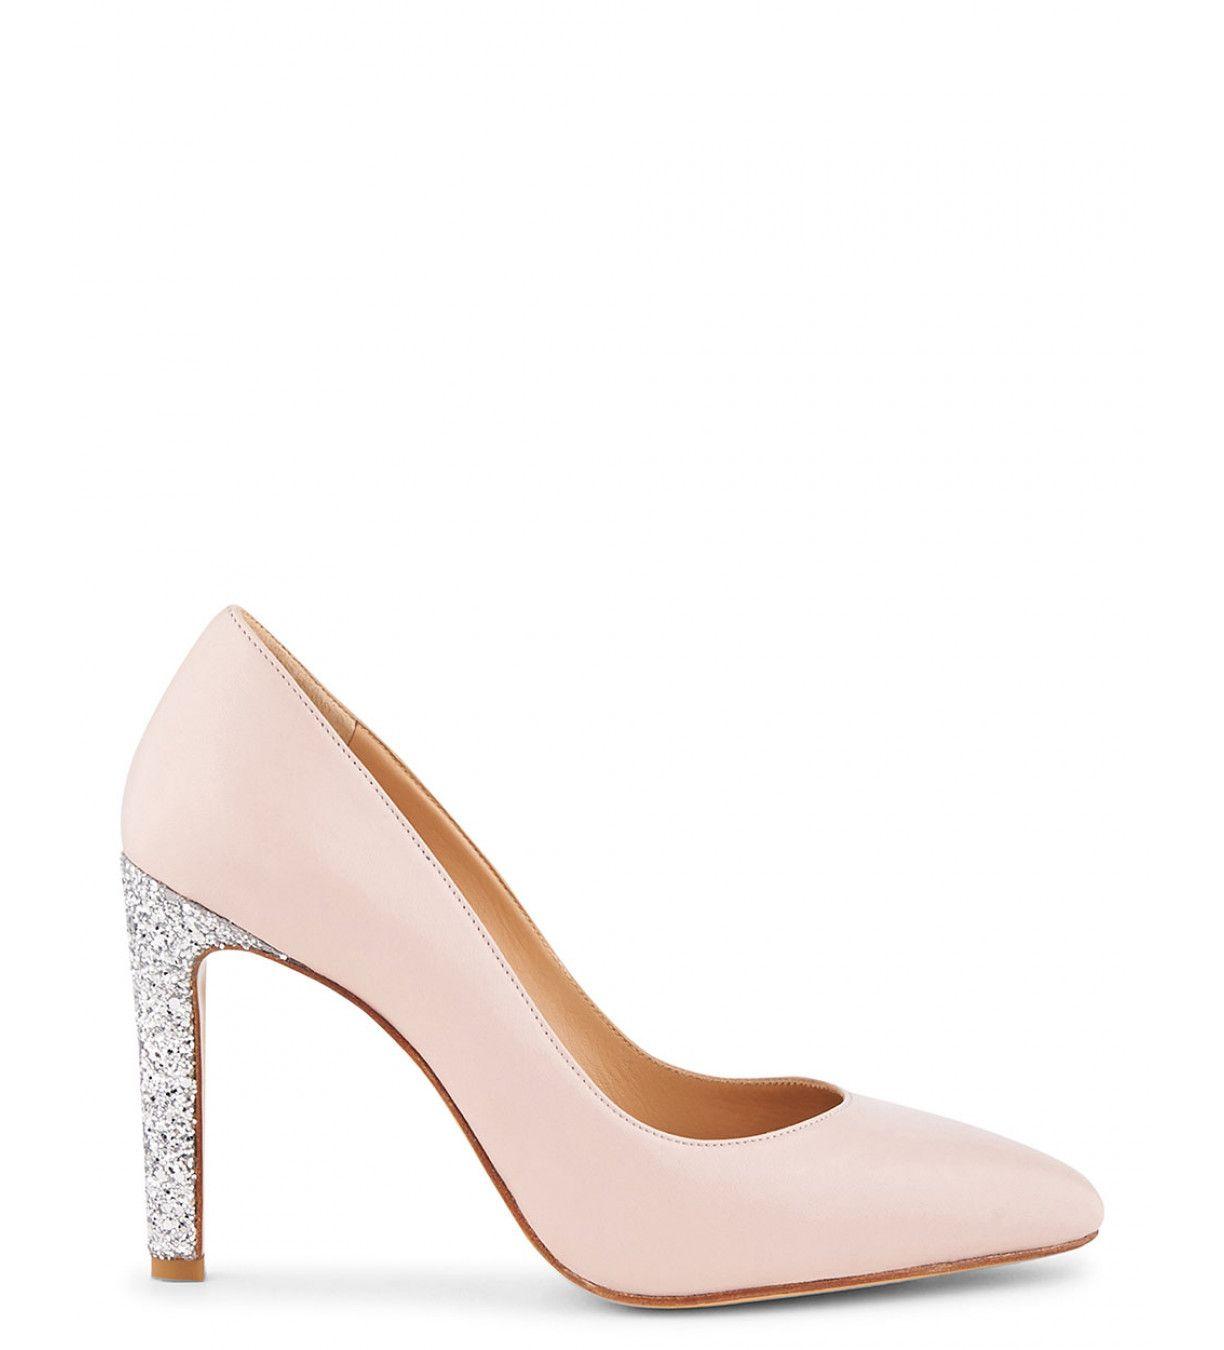 chaussure a talon femme tendance rose poudré